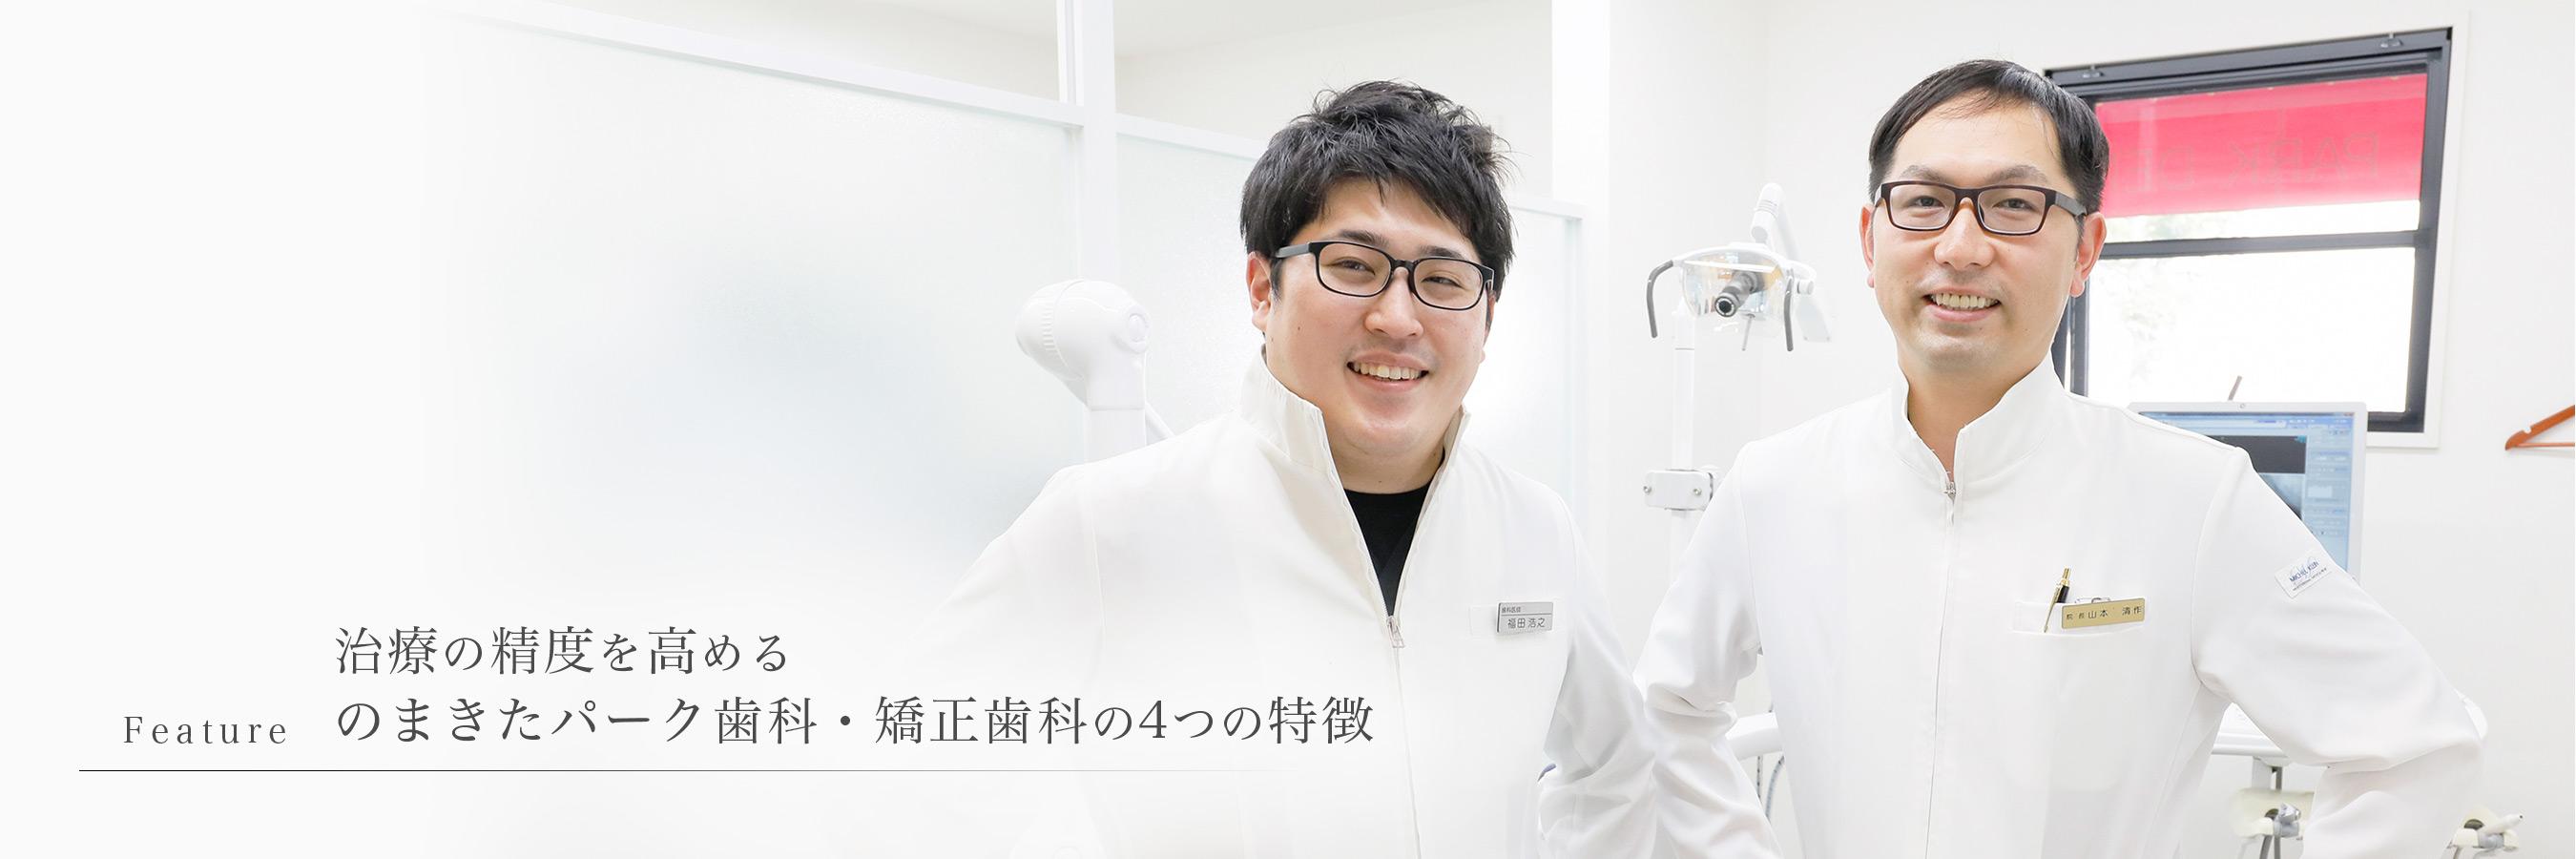 伊丹市の歯医者 のまきたパーク歯科・矯正歯科 メイン写真